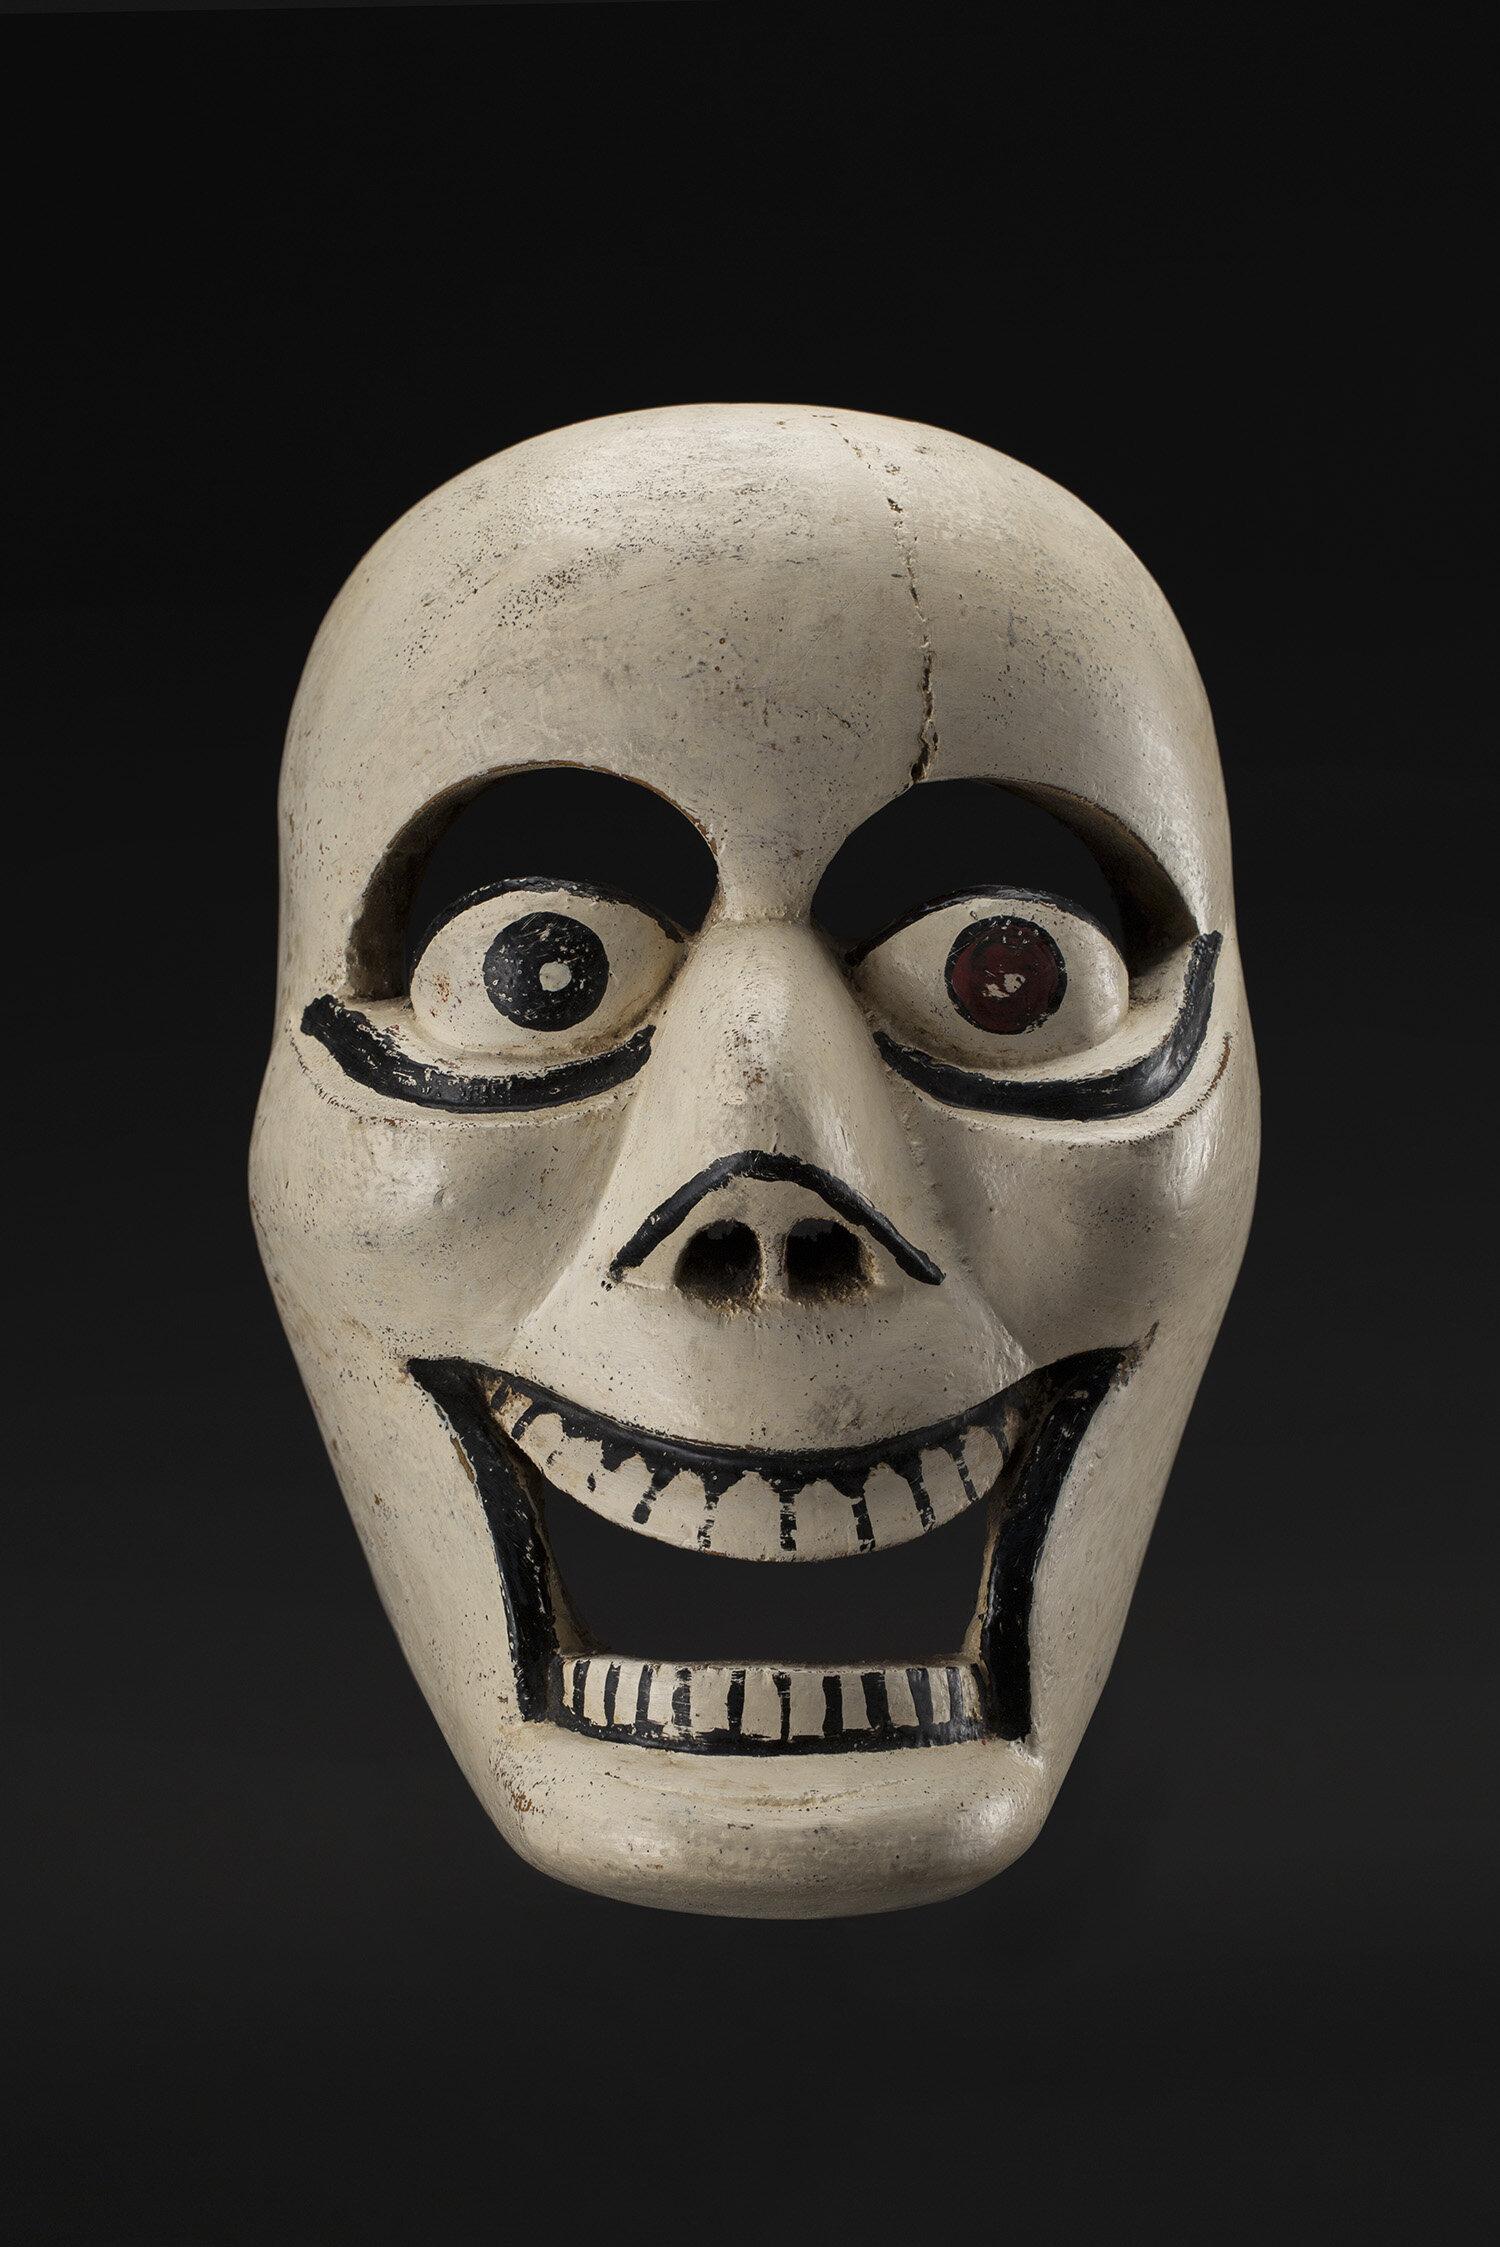 Masks  Veracruz, Naolinco Calavera mask Maskmaker: Lino Mora Rivera  , 1970s Polychrome wood 9.25 x 6.25 x 6.25 inches 23.5 x 15.9 x 15.9 cm M 382